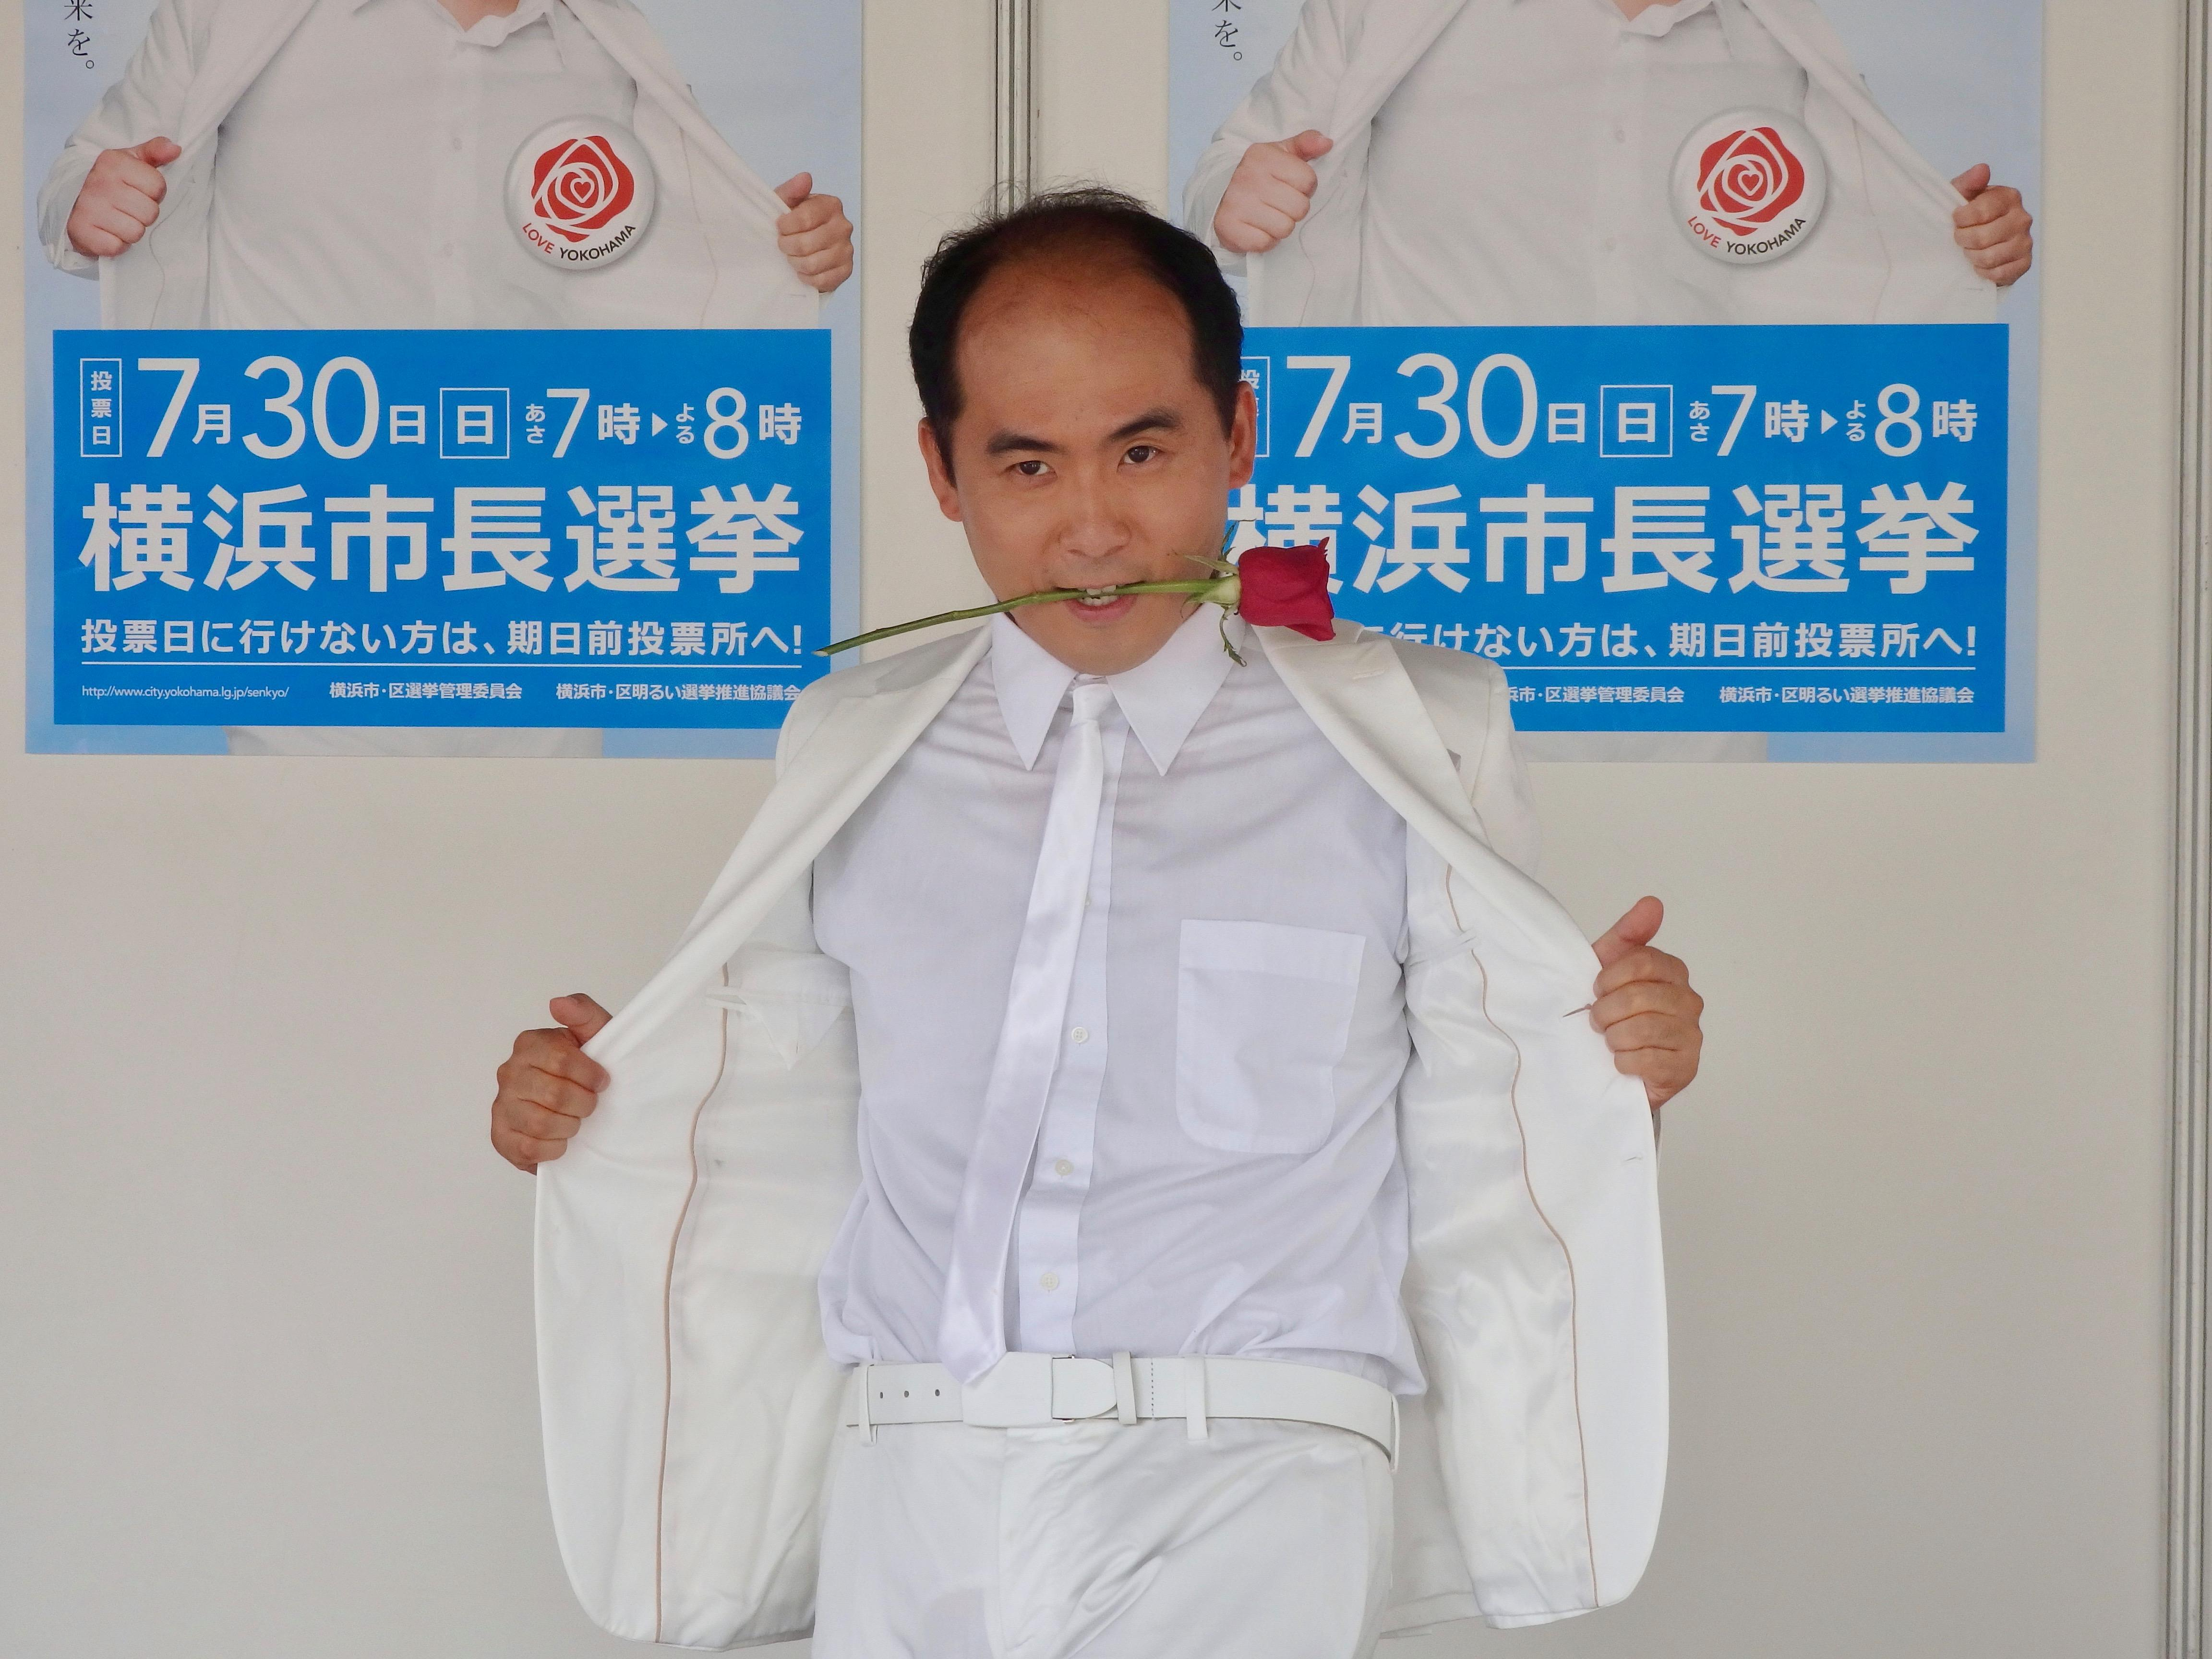 http://news.yoshimoto.co.jp/20170716165648-5414086390ba8653ea4aebe51bcf50ab24477536.jpg